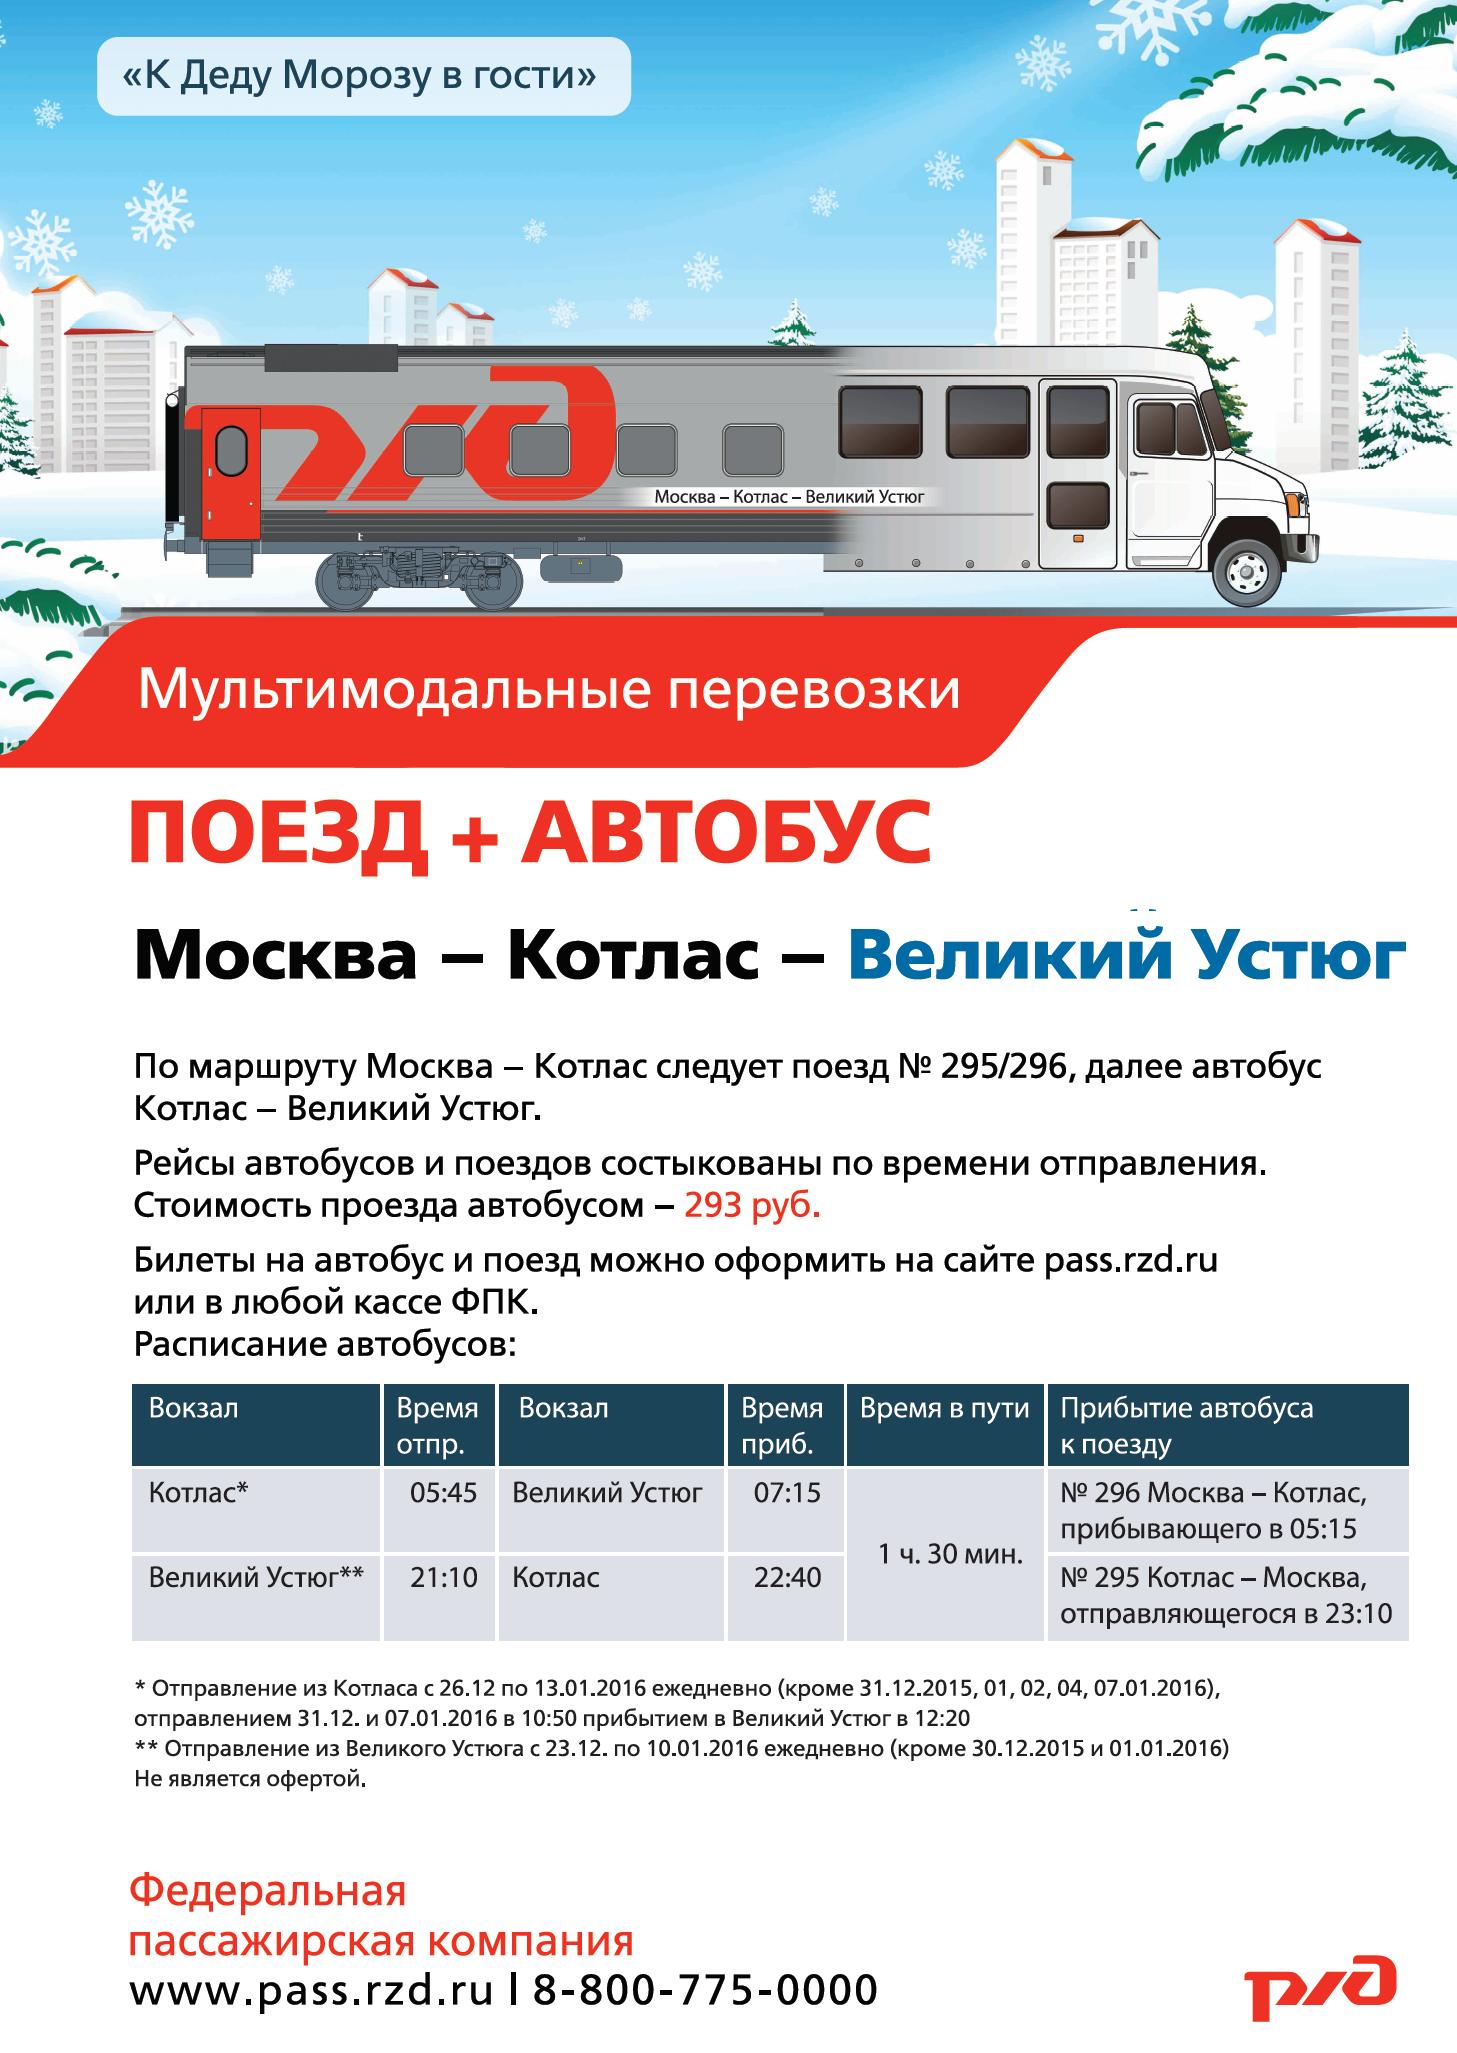 Купить билет на автобус москва пенз с павелецкого